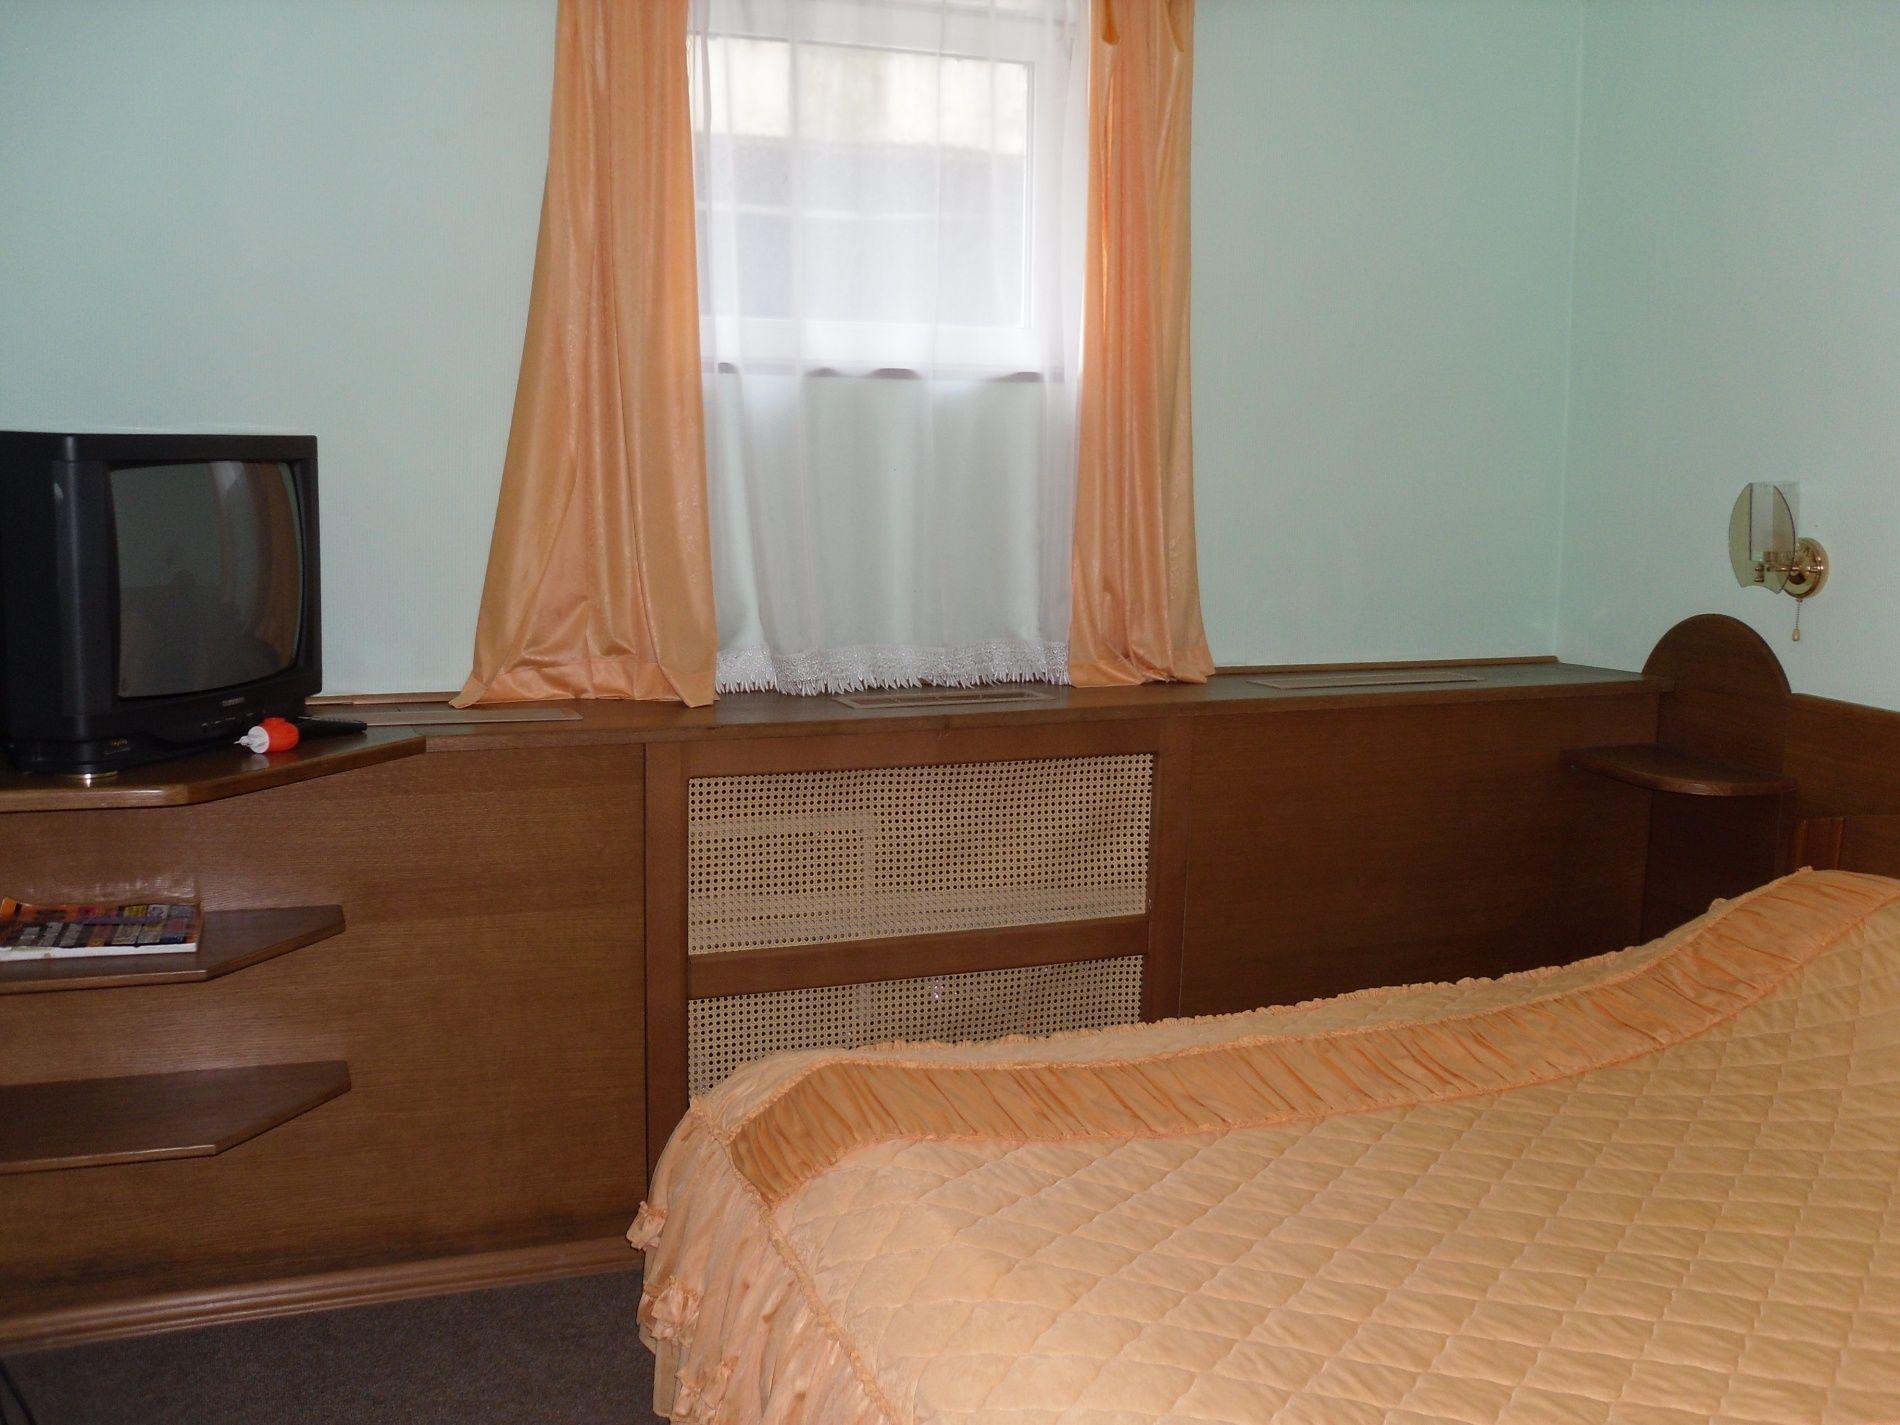 Туристический комплекс «Мирная Пристань» Ивановская область 2-комнатный номер 1 категории (№ 8, 9), фото 5